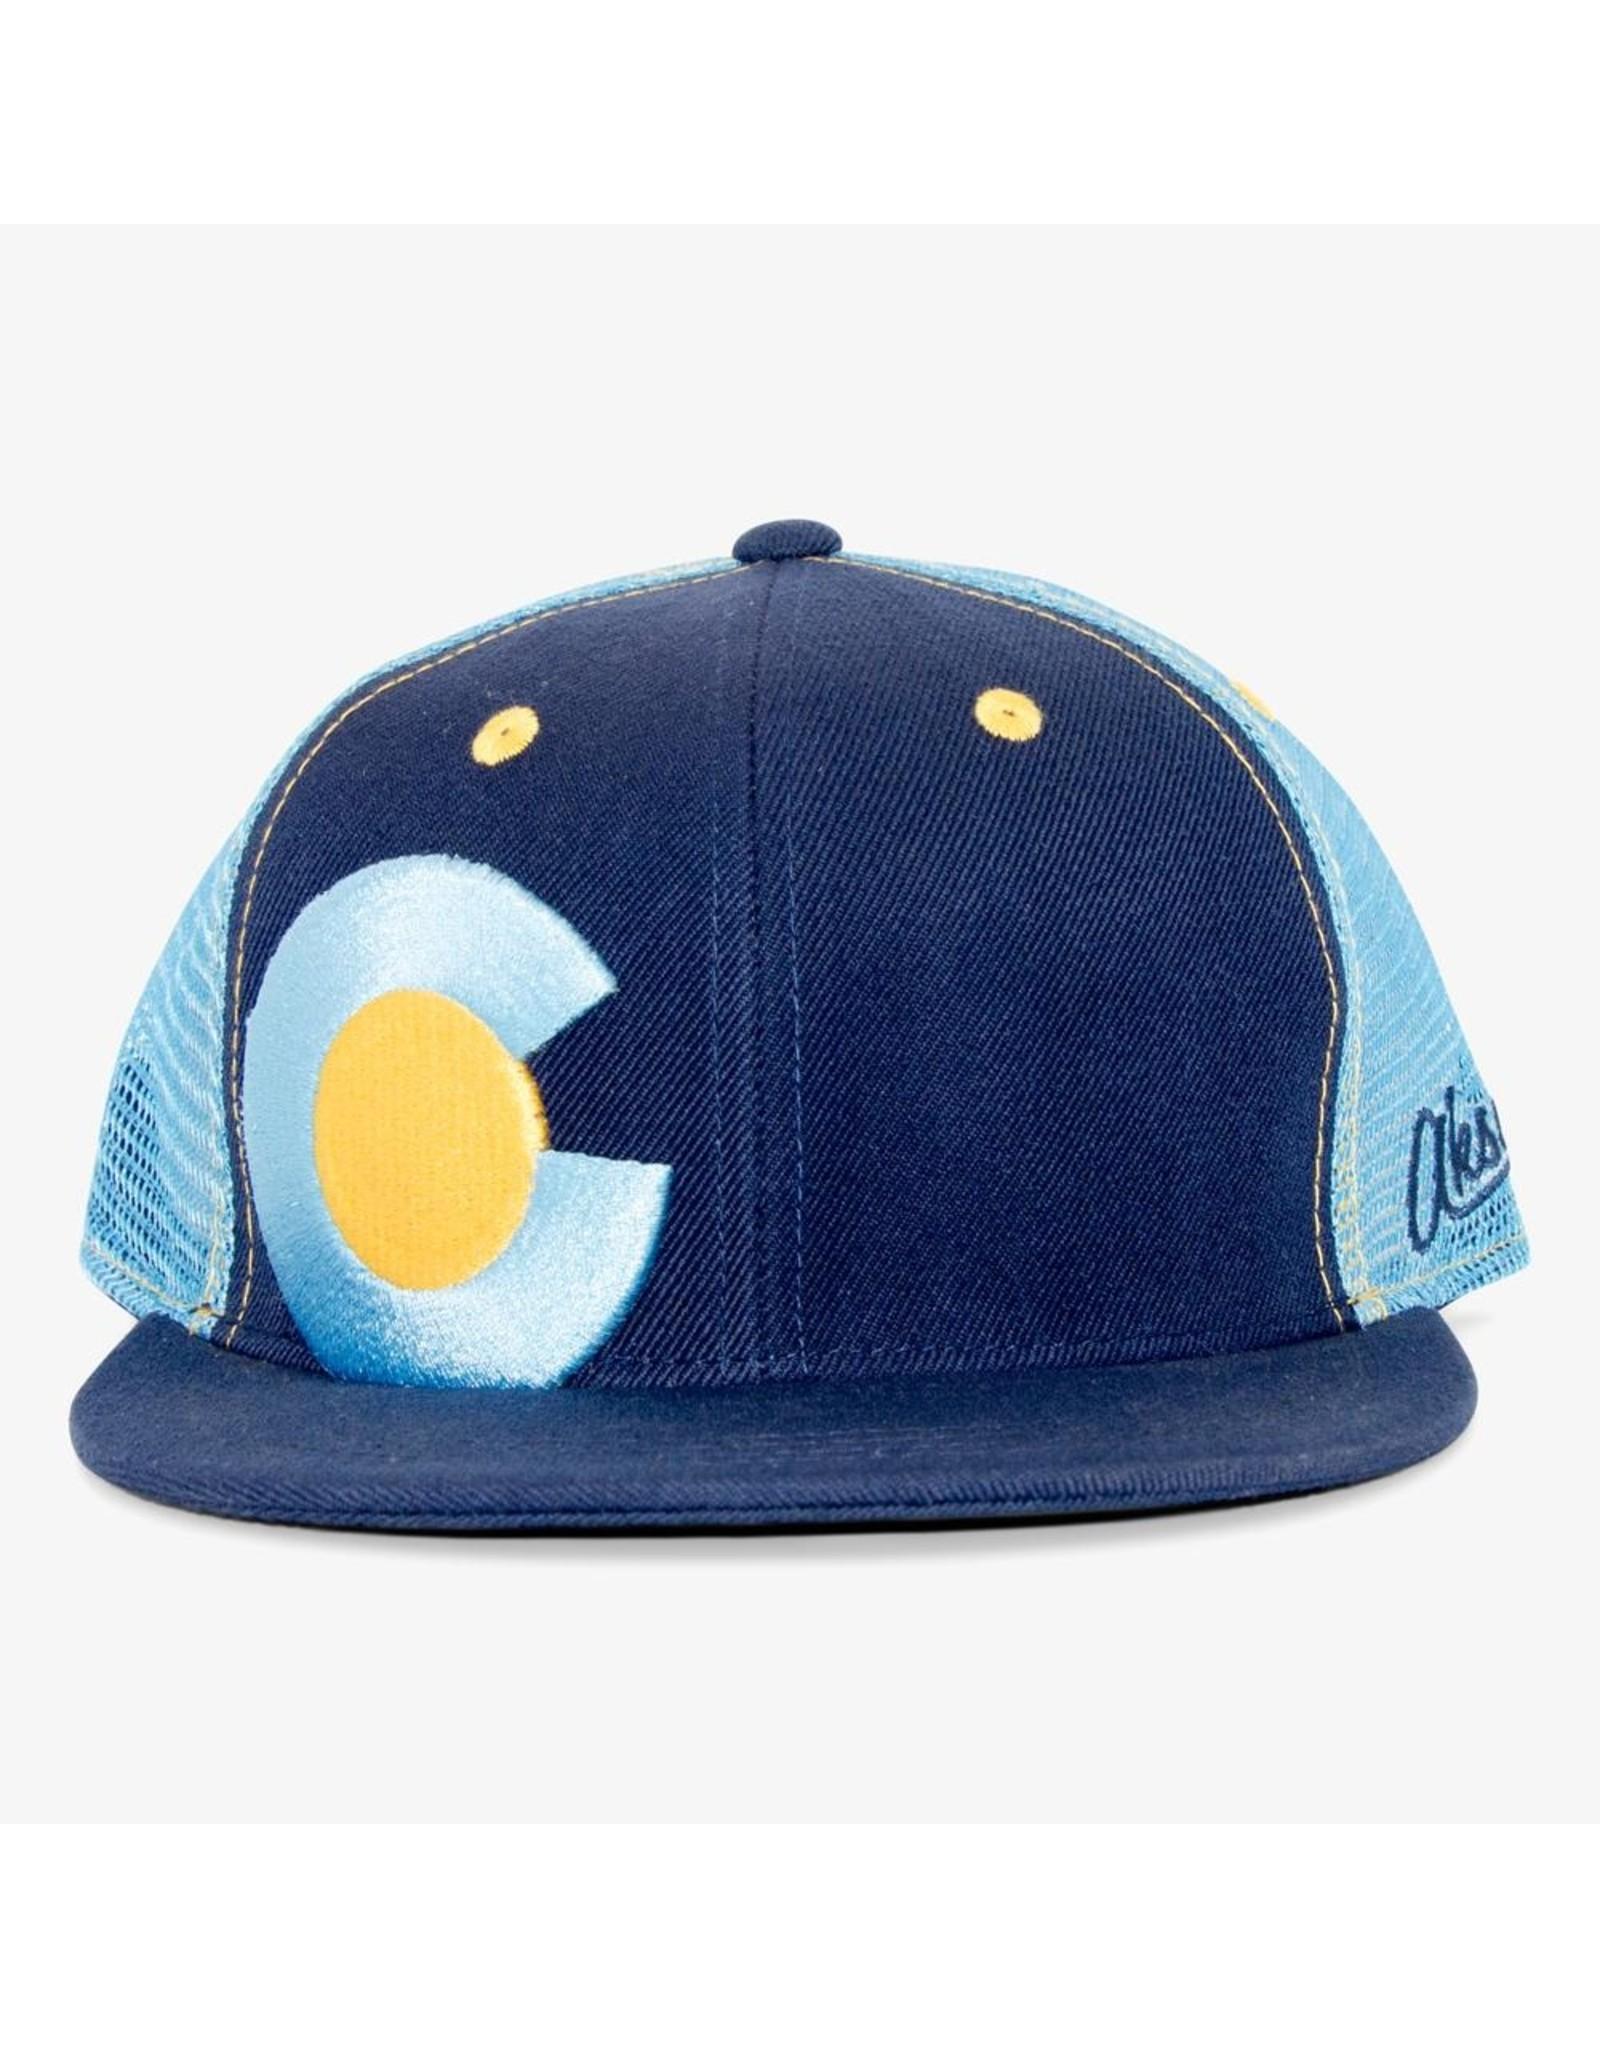 Aksels Aksels Big C Colorado Trucker Hat - Aqua